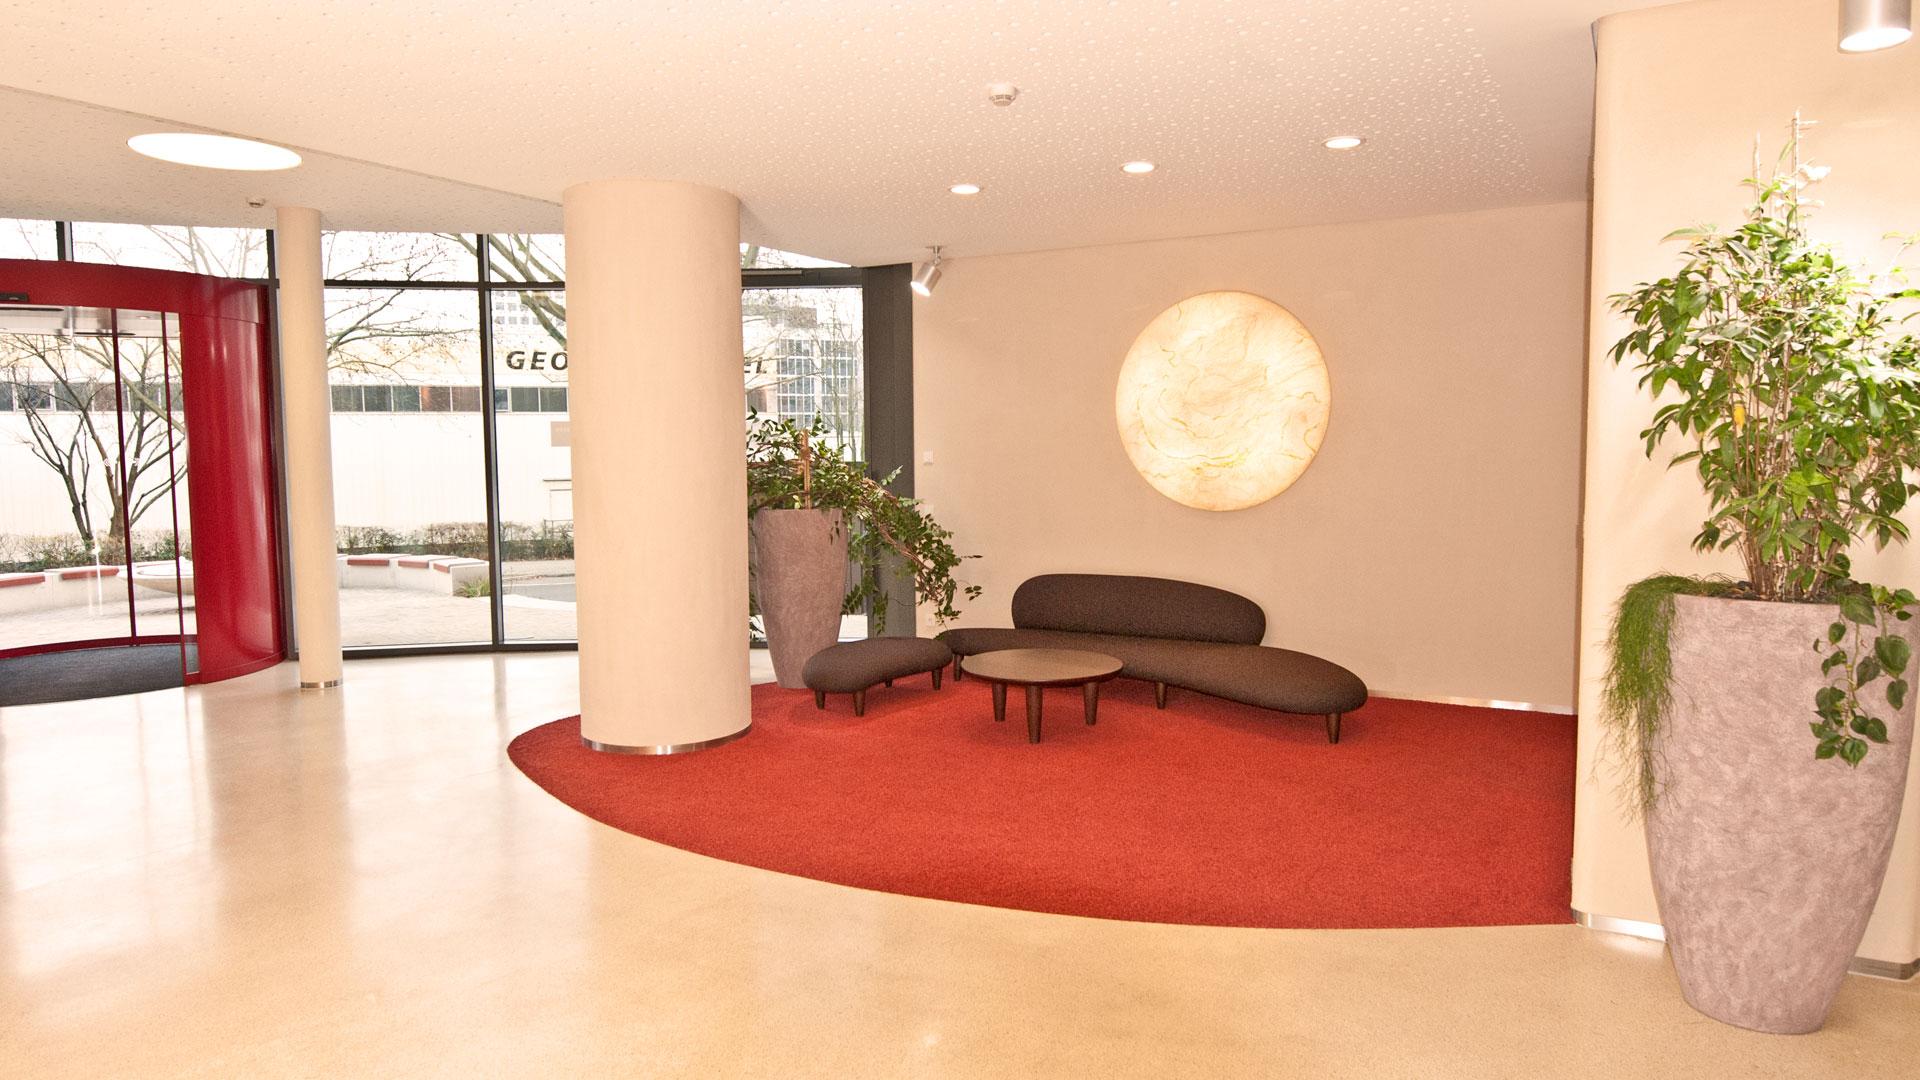 Foyer in Feng Shui Raumgestaltung mit Sitzecke und harmonischer Farbgebung durch atelier8 Barbara Jurk